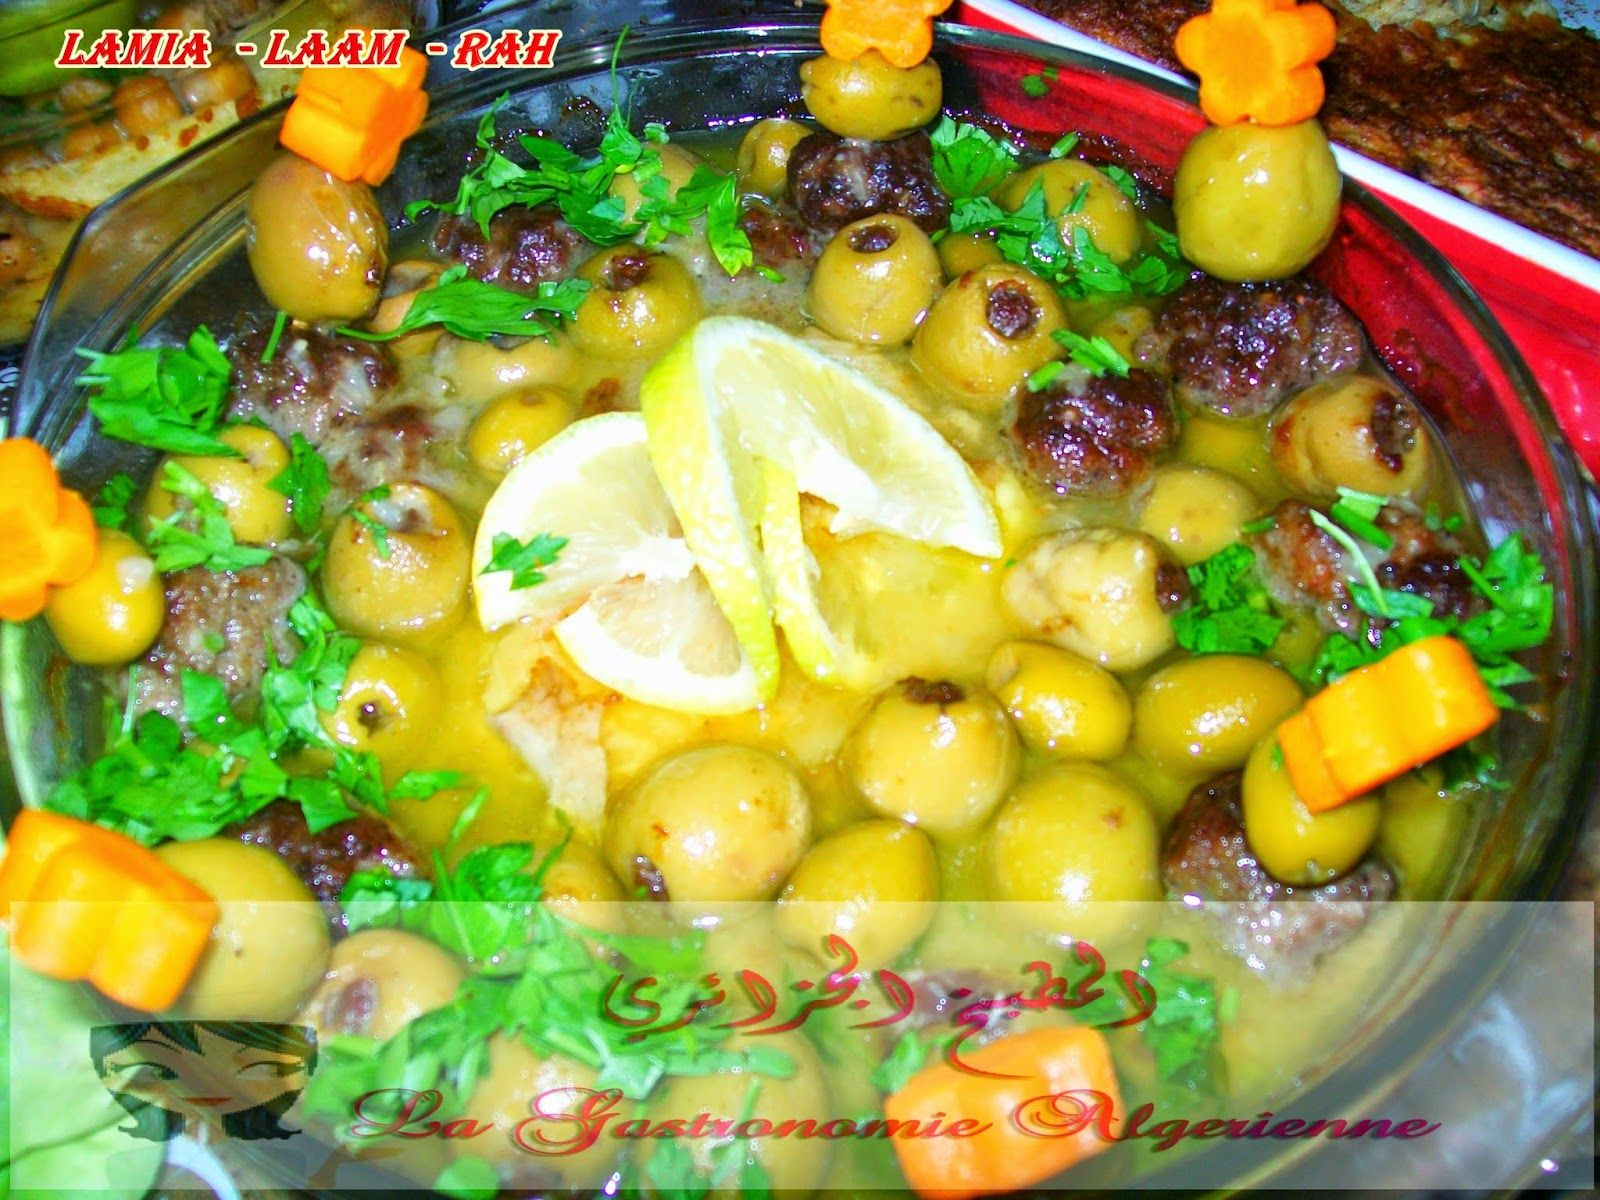 المطبخ الجزائري و العالمي طاجين الزيتون Cuisine